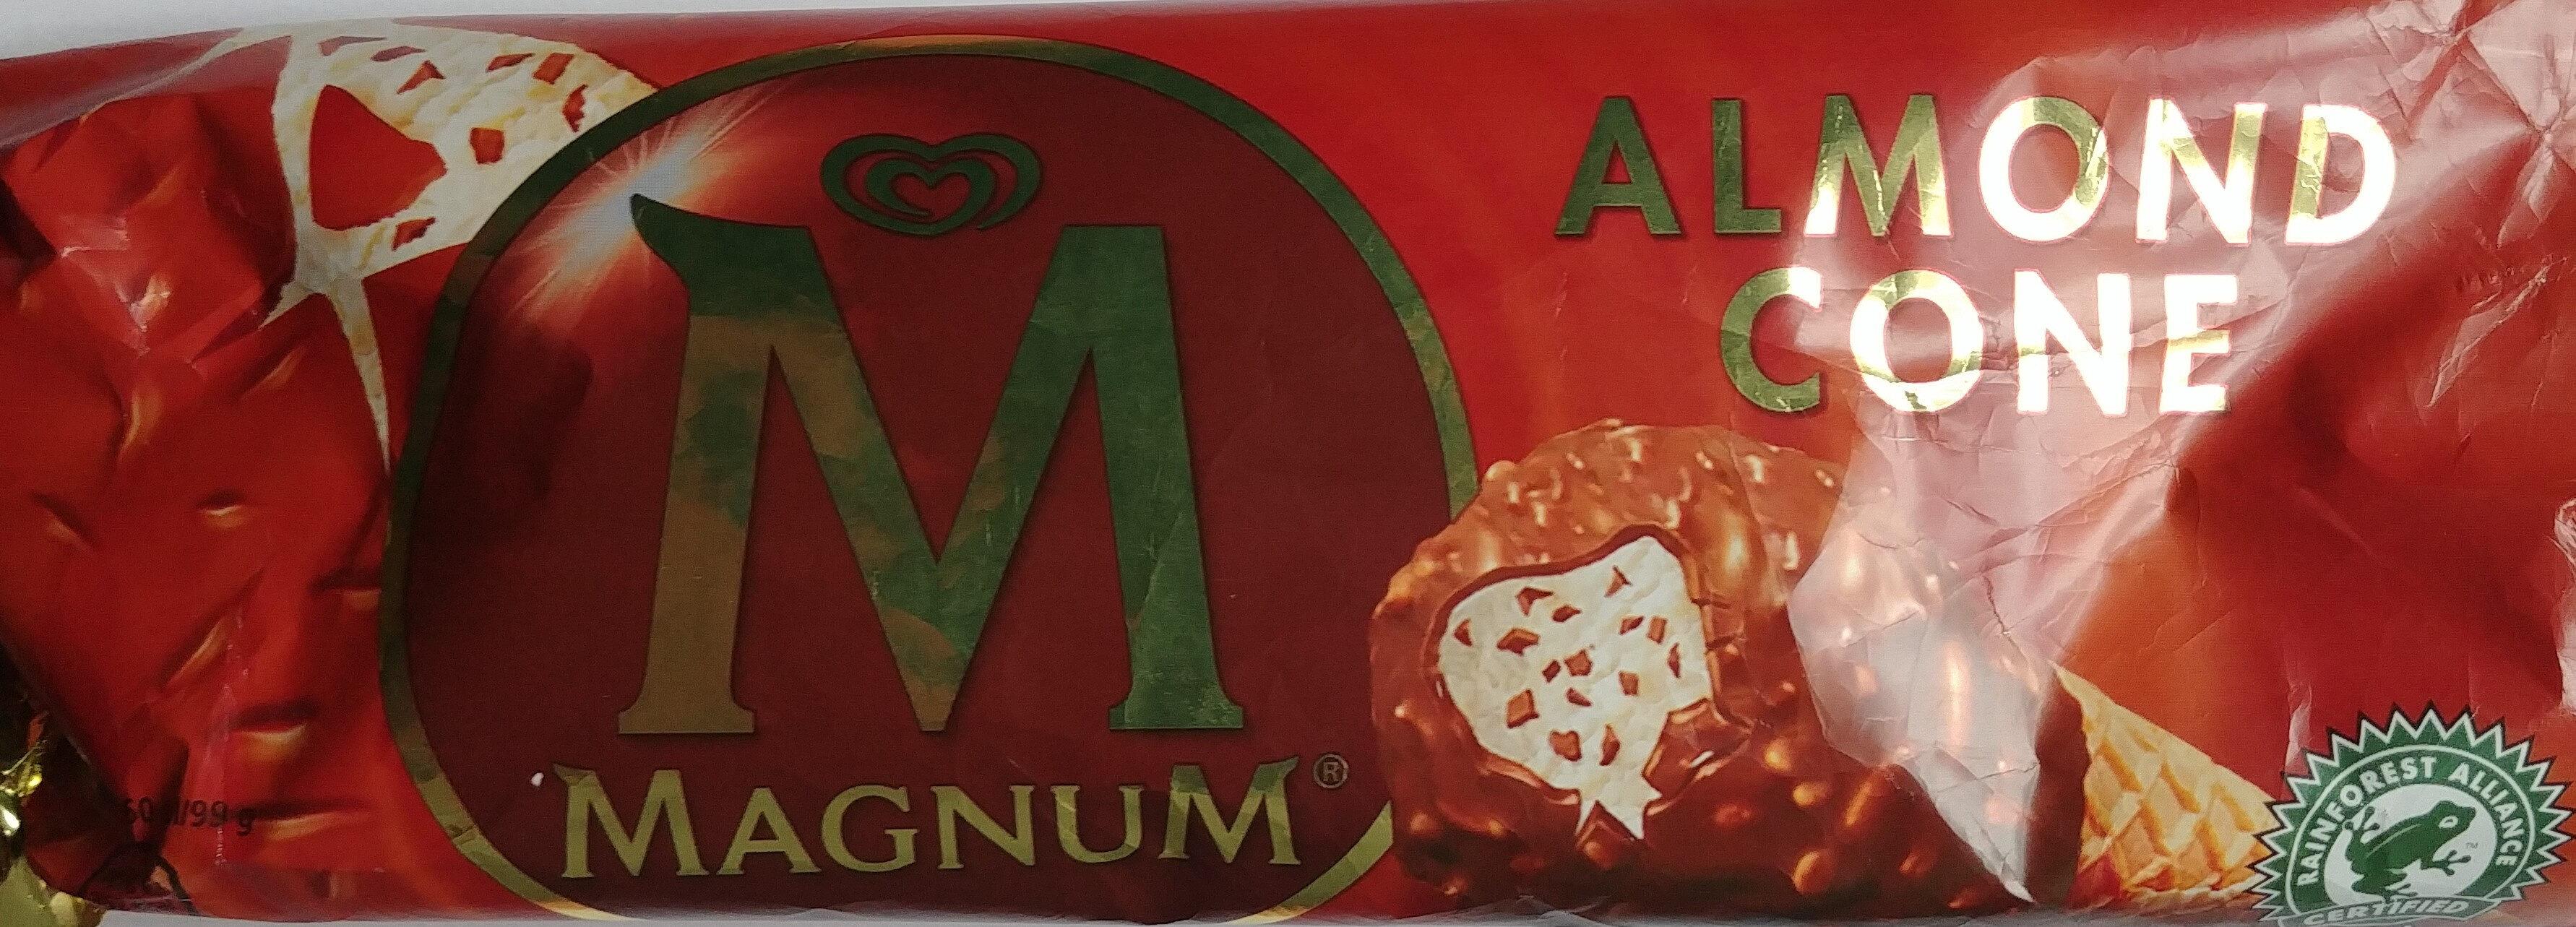 Lody o smaku waniliowym z kawałkami mlecznej czekolady 6% w rozku waflowym 14% z polewą kakaową 4% - Produkt - pl